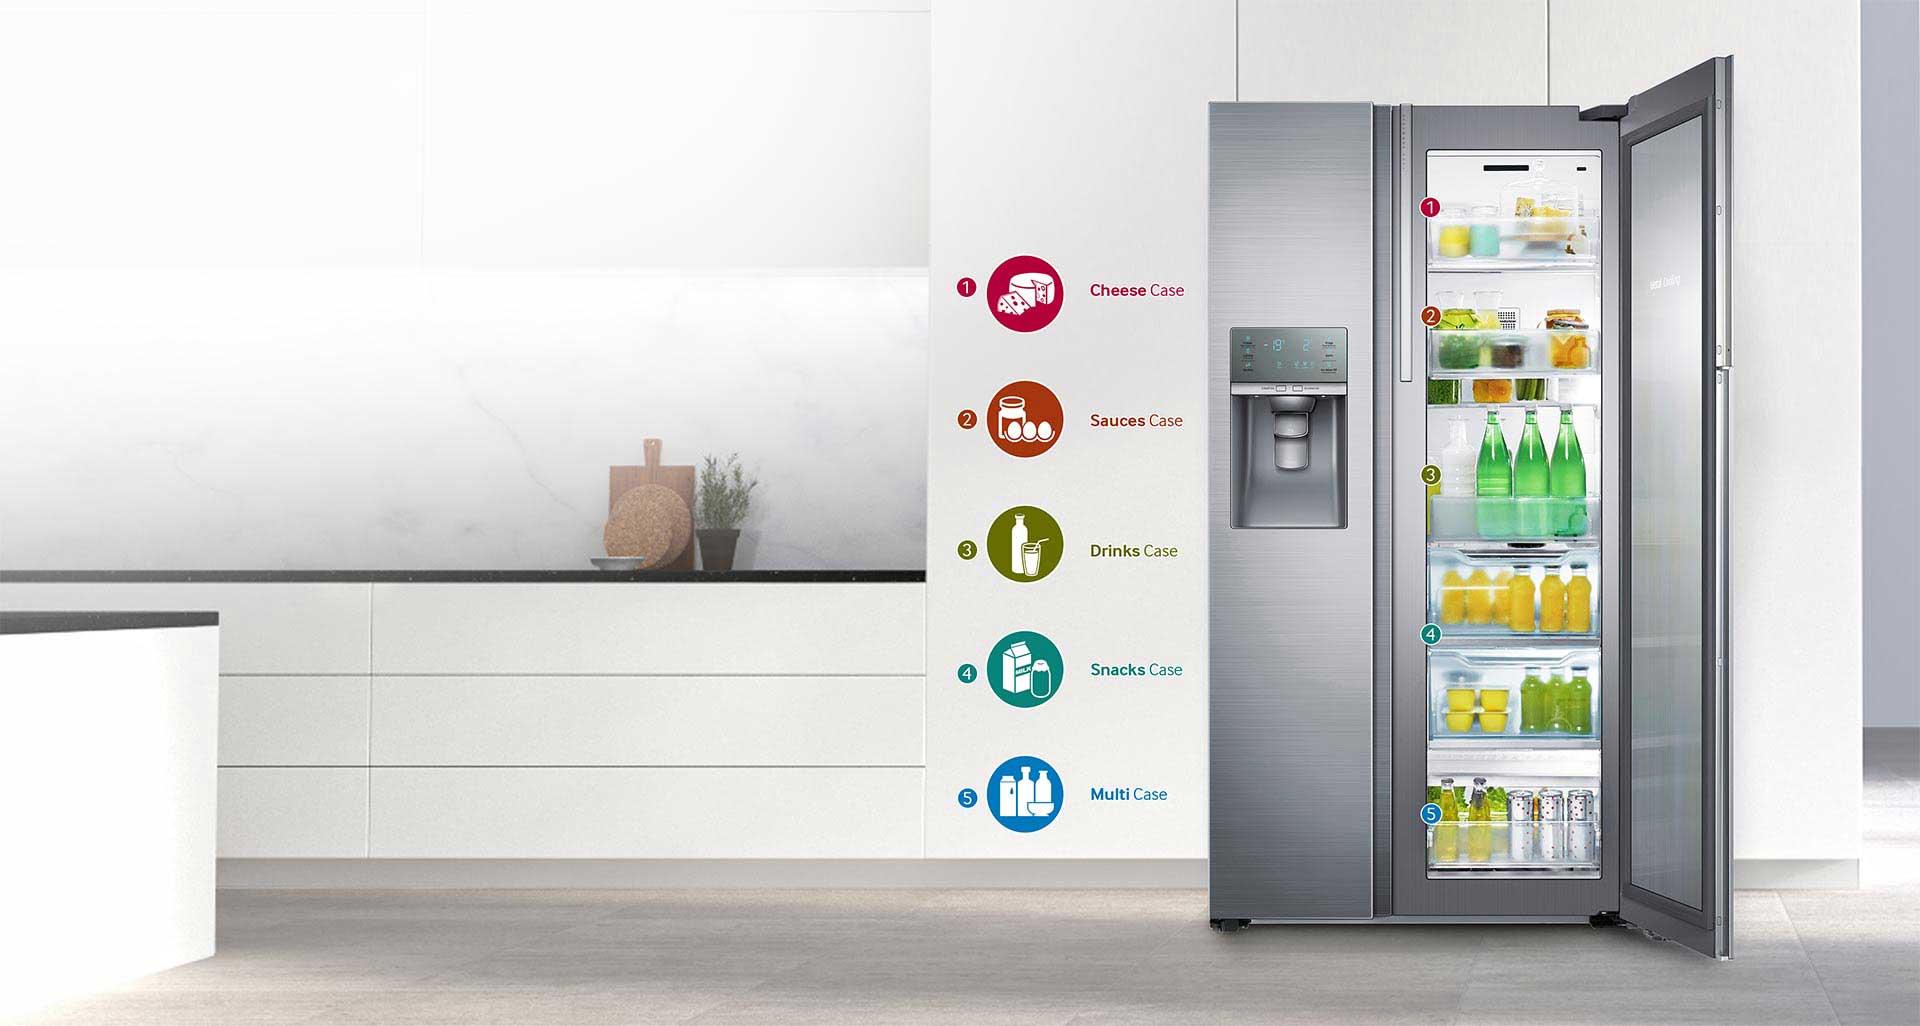 دسترسی آسان به مواد غذایی مورد علاقه